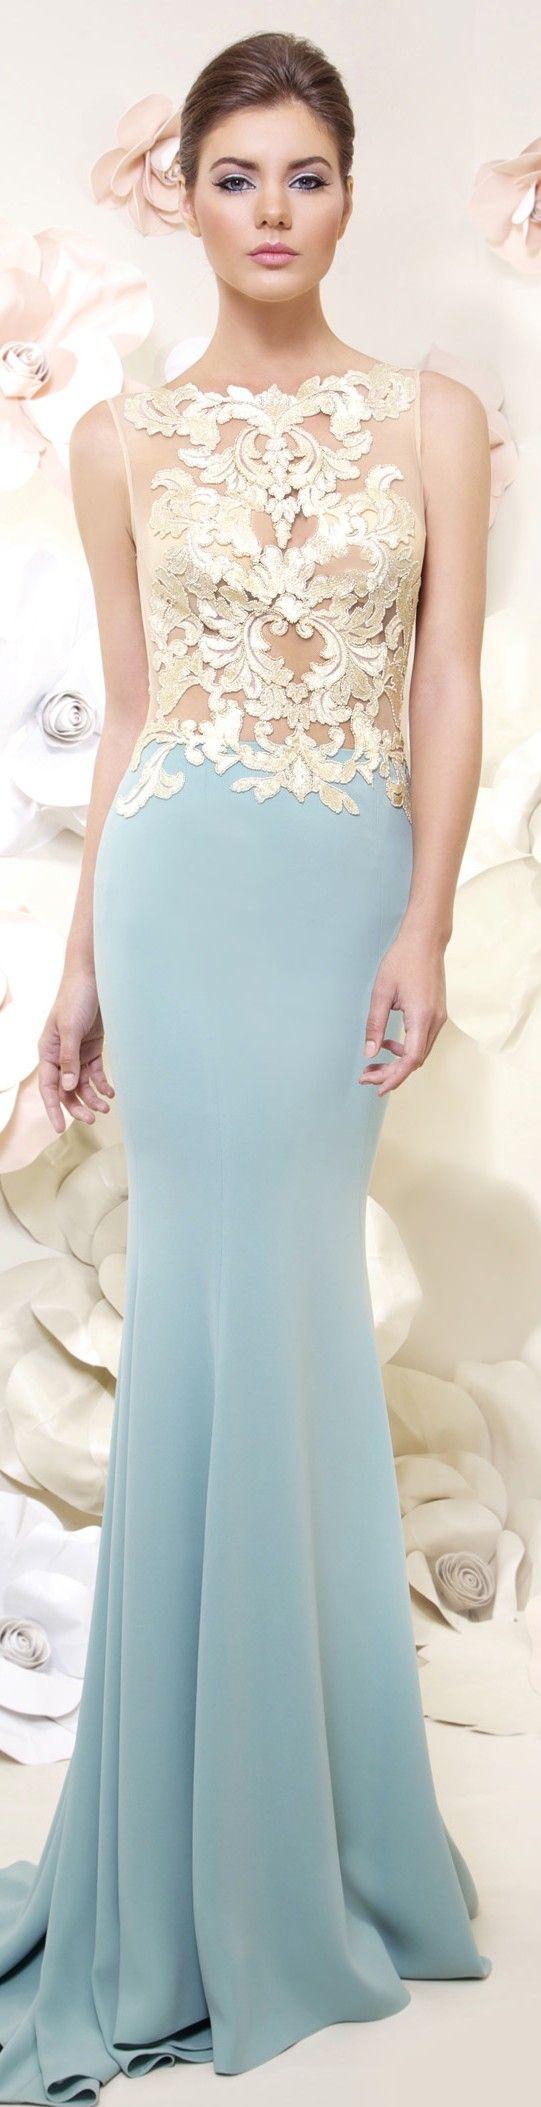 60 best Vestidos images on Pinterest   Cute dresses, Low cut dresses ...